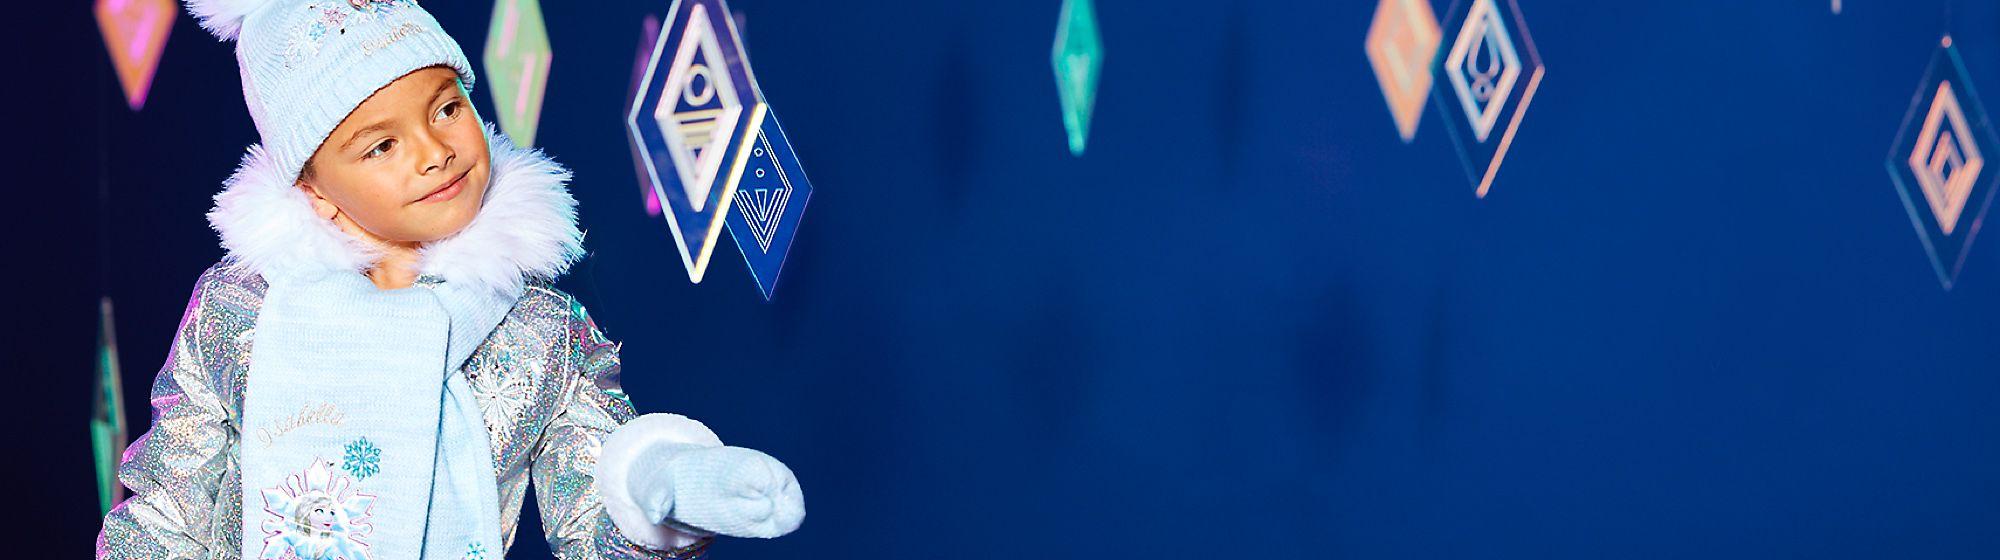 Accessoires von Die Eiskönigin 2 Entdecke unsere Kollektion an Accessoires mit Taschen, Mützen, Gepäck und mehr